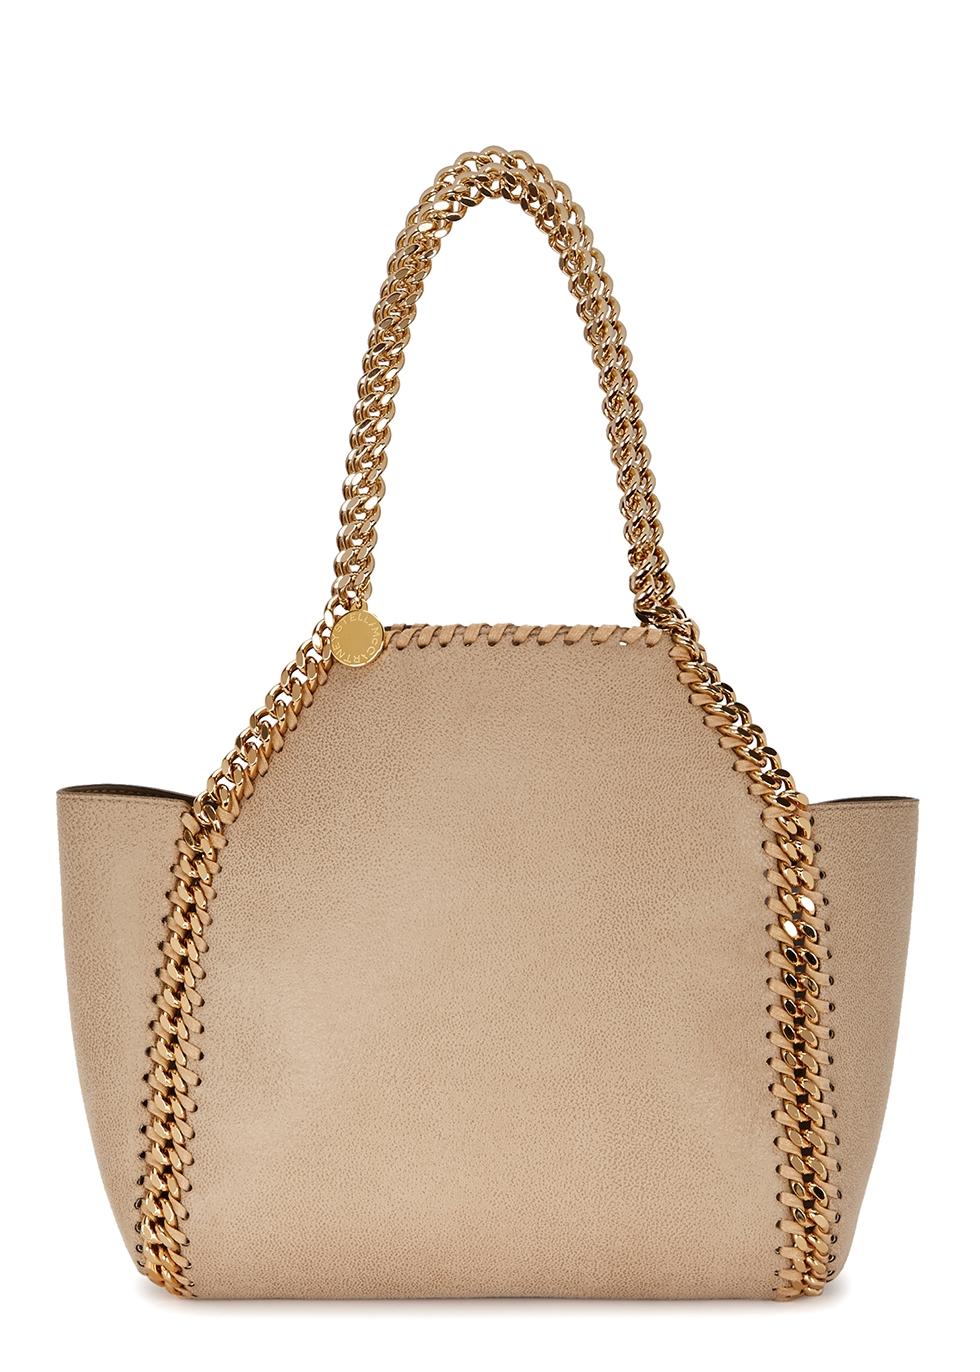 Falabella mini reversible top handle bag - Stella McCartney